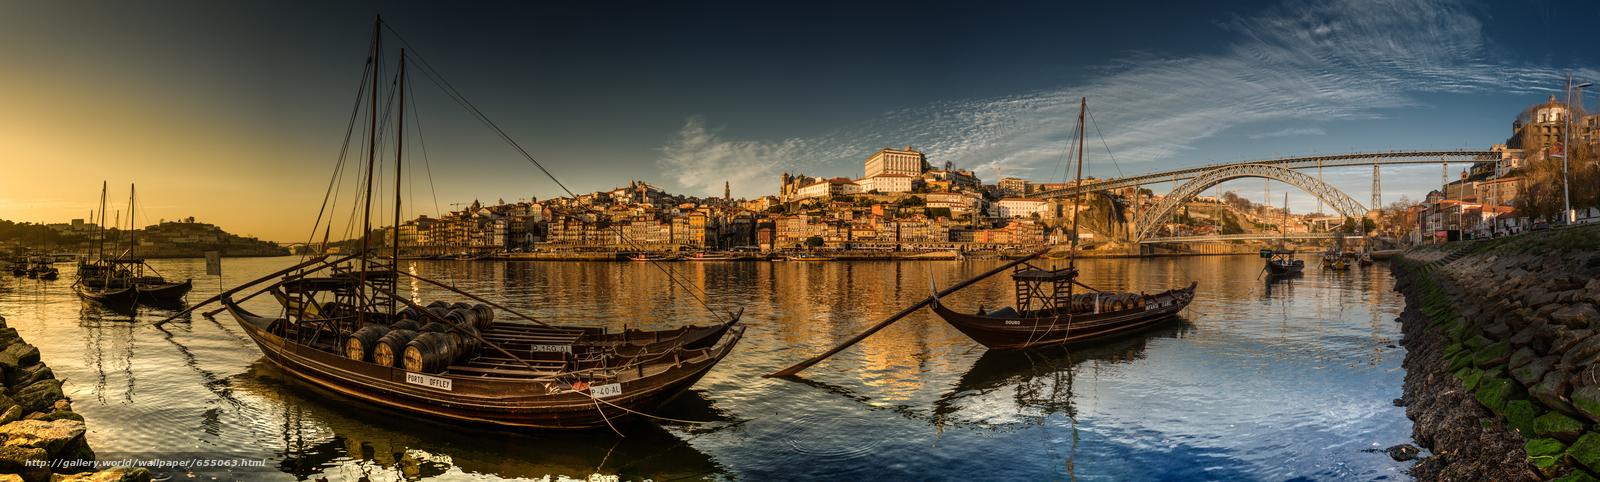 Скачать обои Vila Nova de Gaia,  Porto,  Portugal,  Douro River бесплатно для рабочего стола в разрешении 8000x2408 — картинка №655063